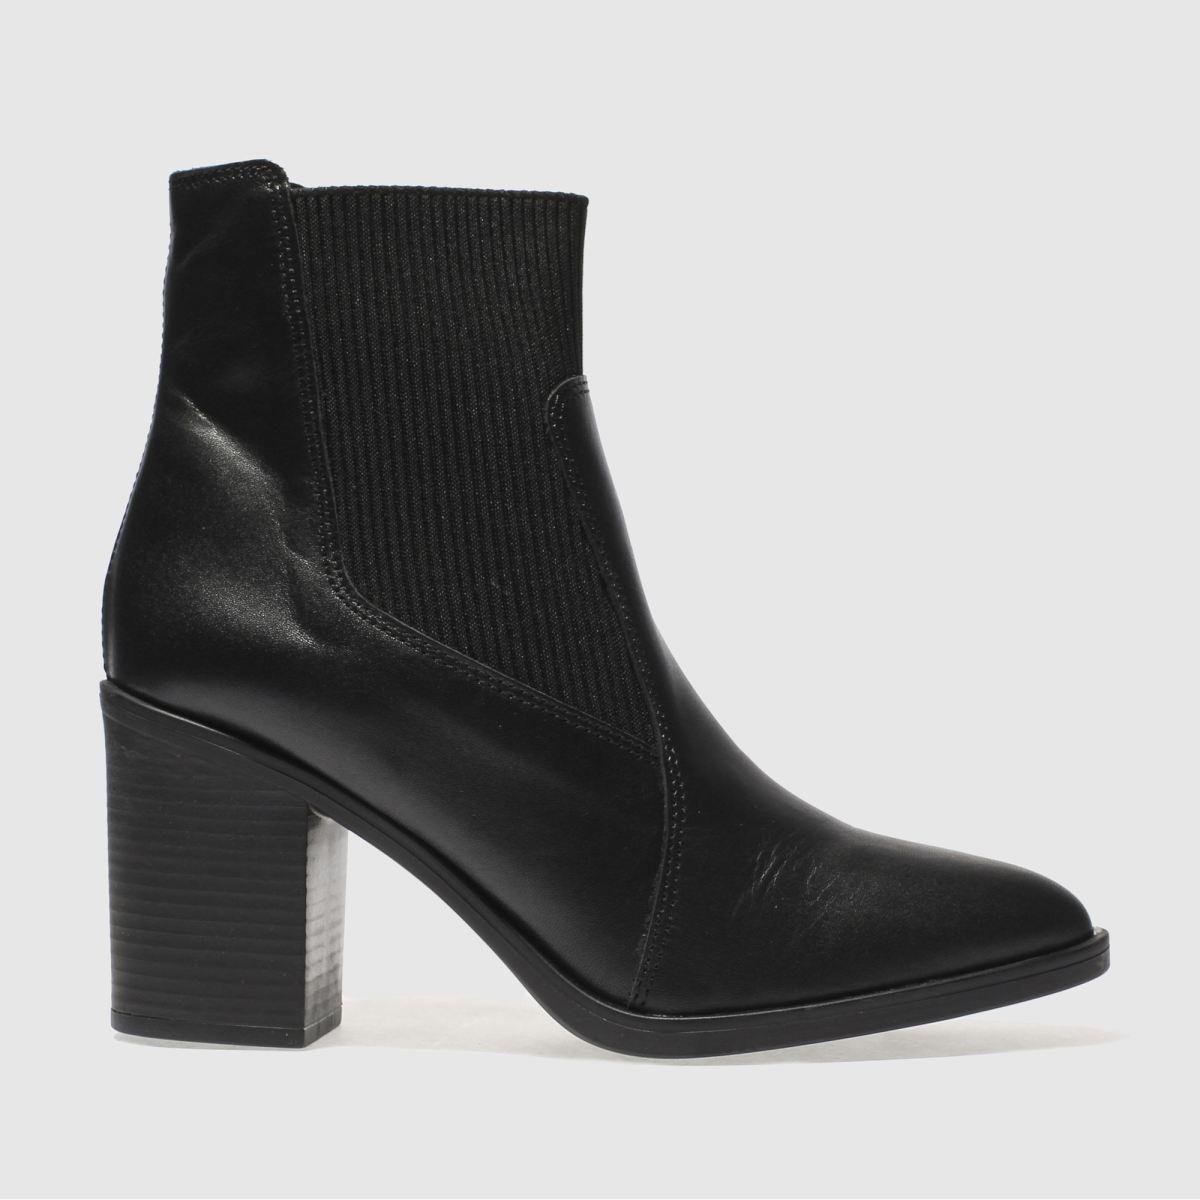 schuh black maiden boots